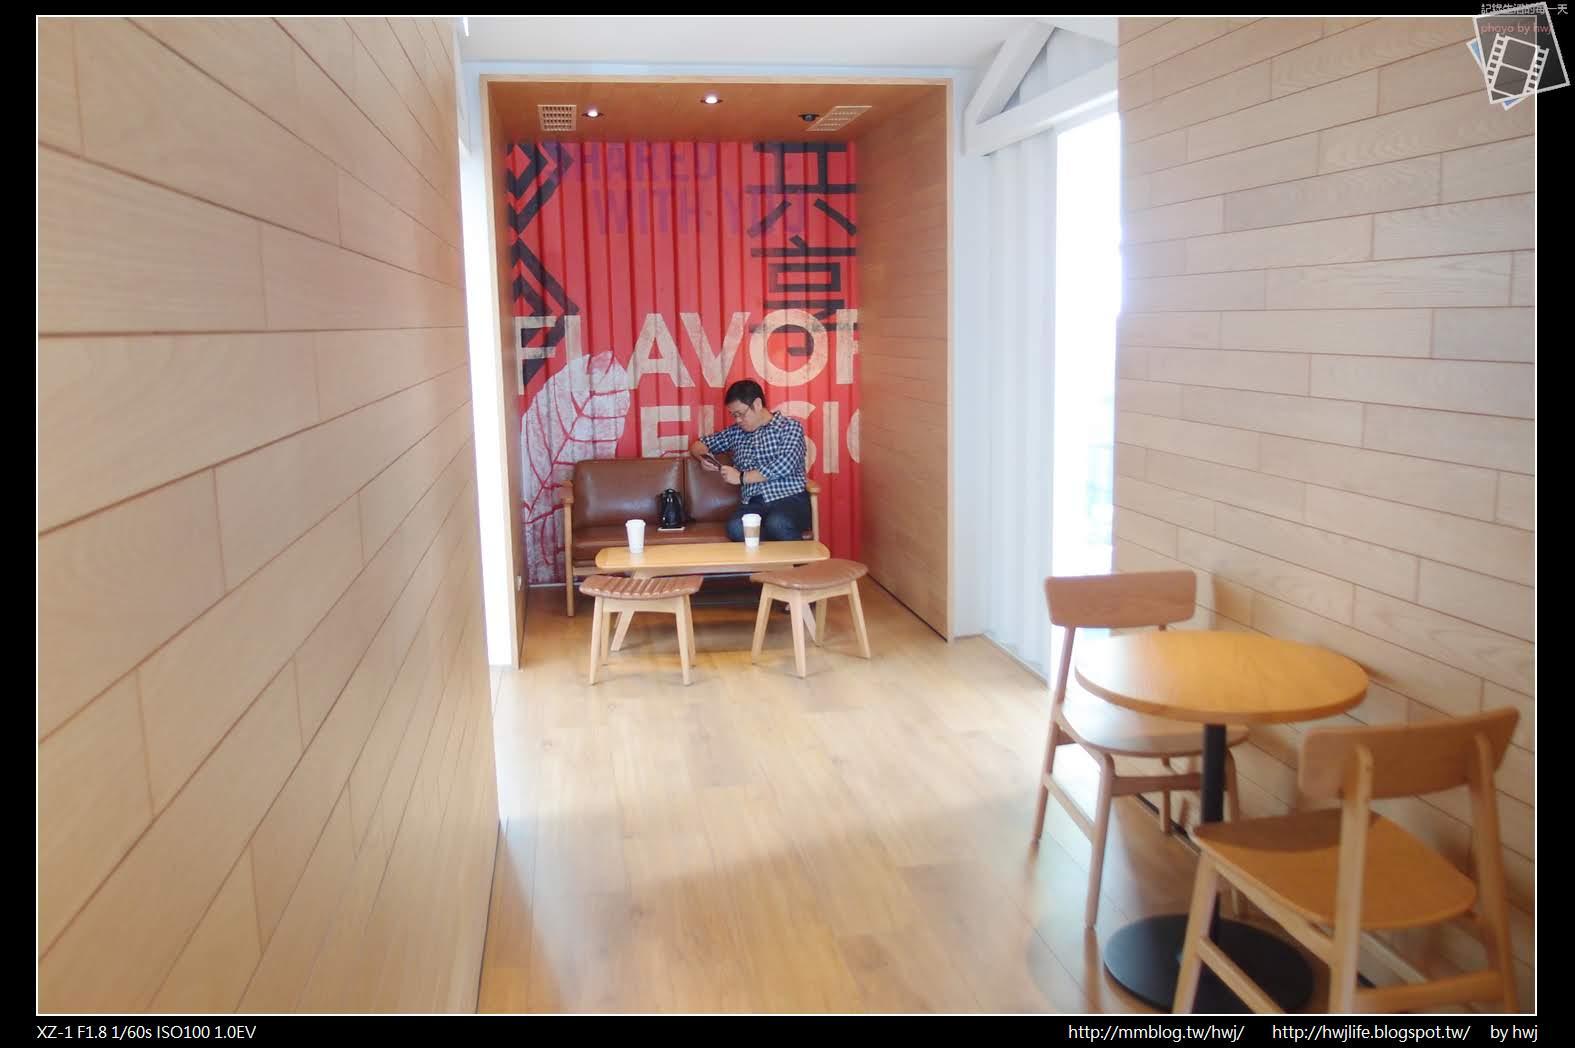 2018-10-26花蓮吉安-貨櫃 STARBUCKS 星巴克 (洄瀾門市) +洄瀾灣會館